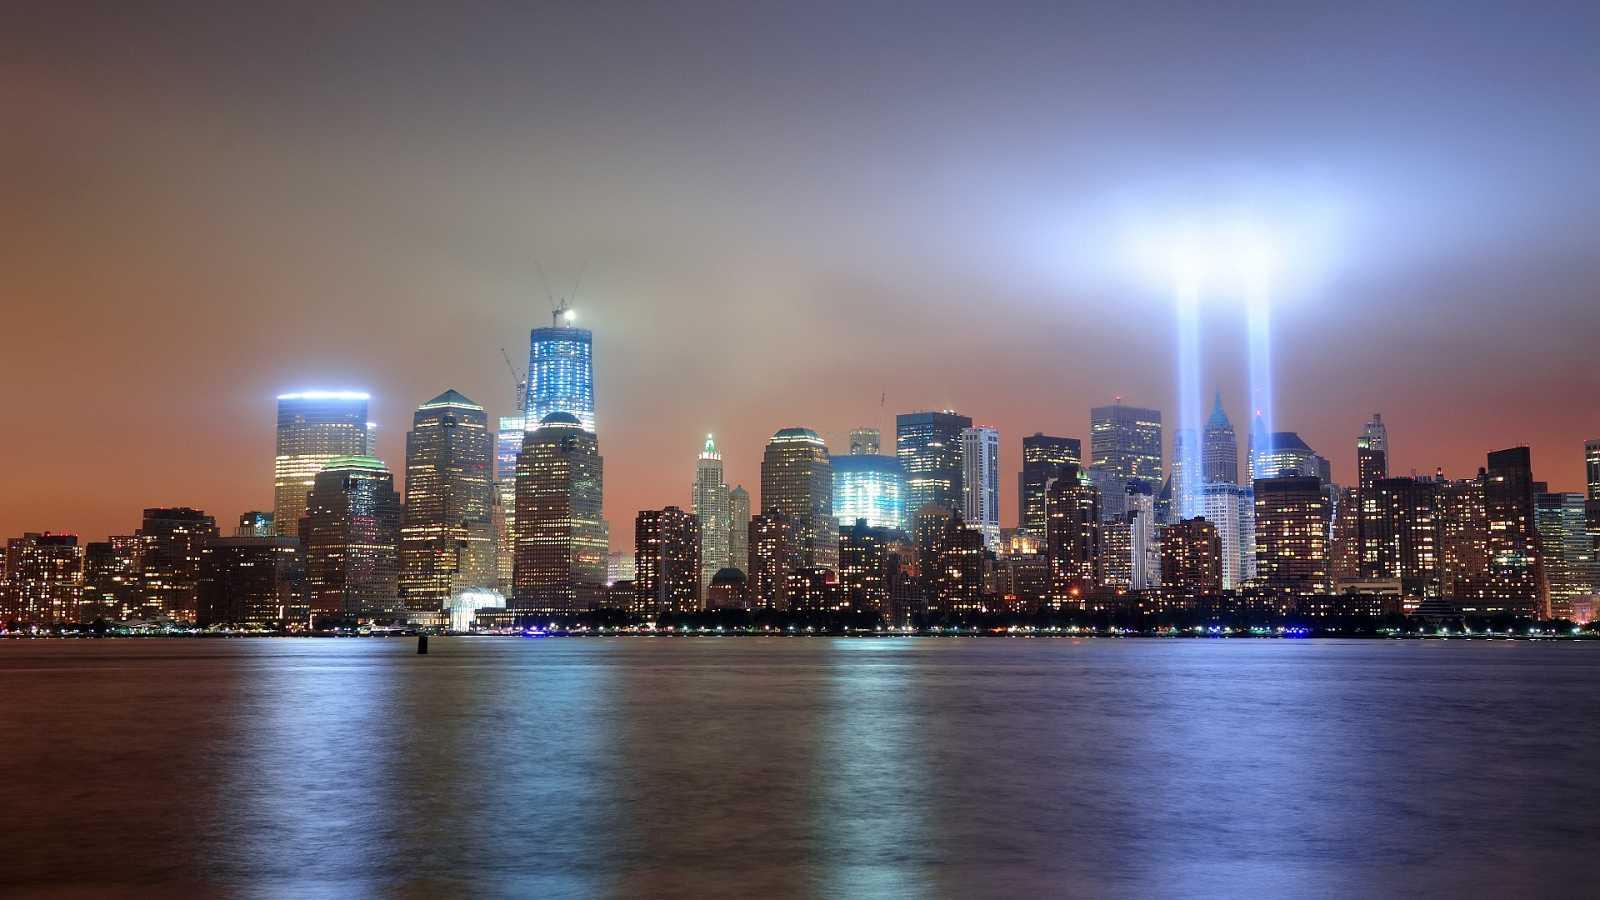 Memoria de delfín - 11-S: el día que cambió el mundo - 13/09/21 - escuchar ahora